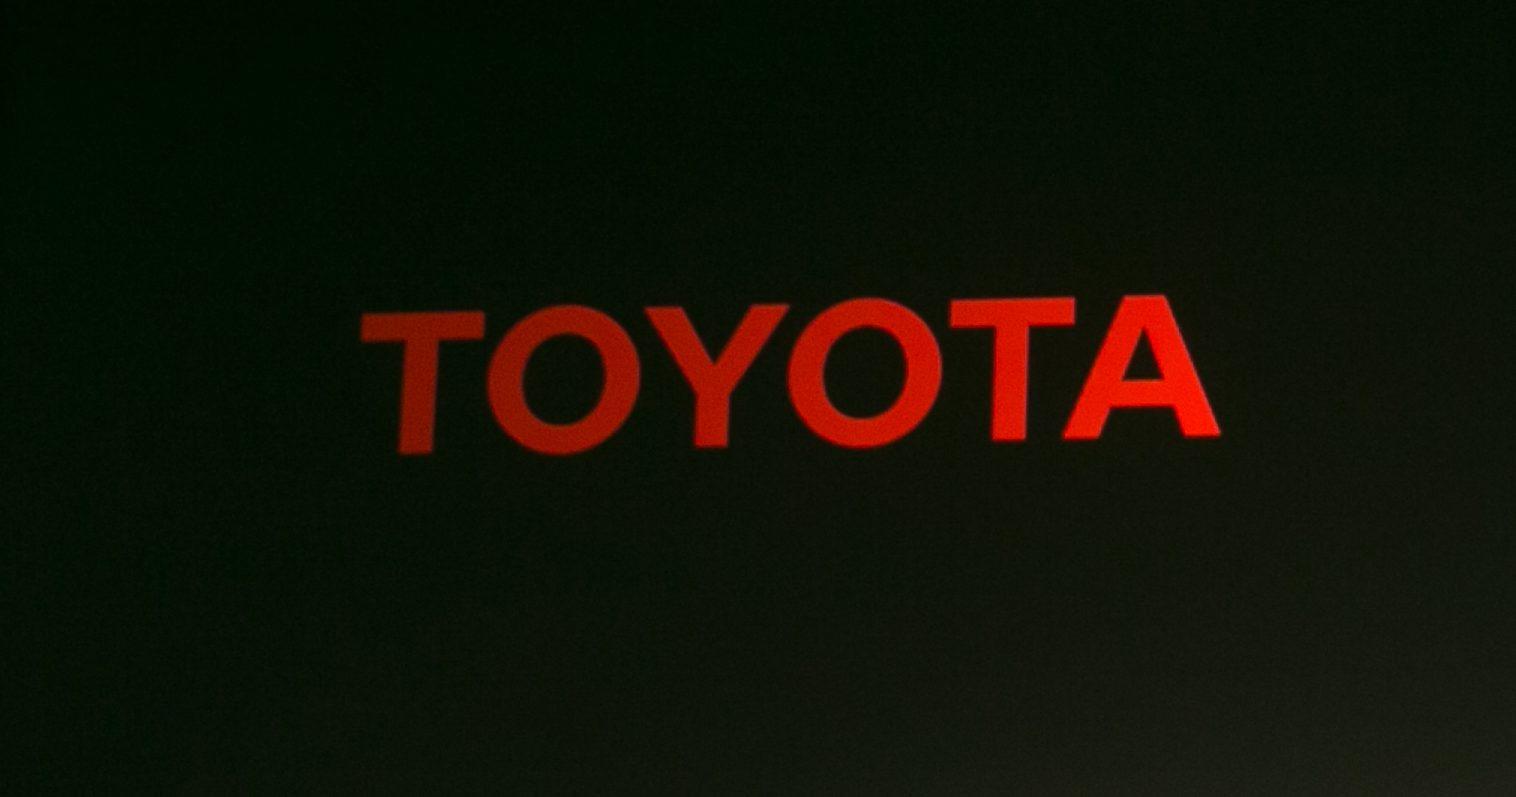 トヨタのコネクティッド技術・取り組みまとめ 自動運転化にも欠かせないコア技術   自動運転ラボ